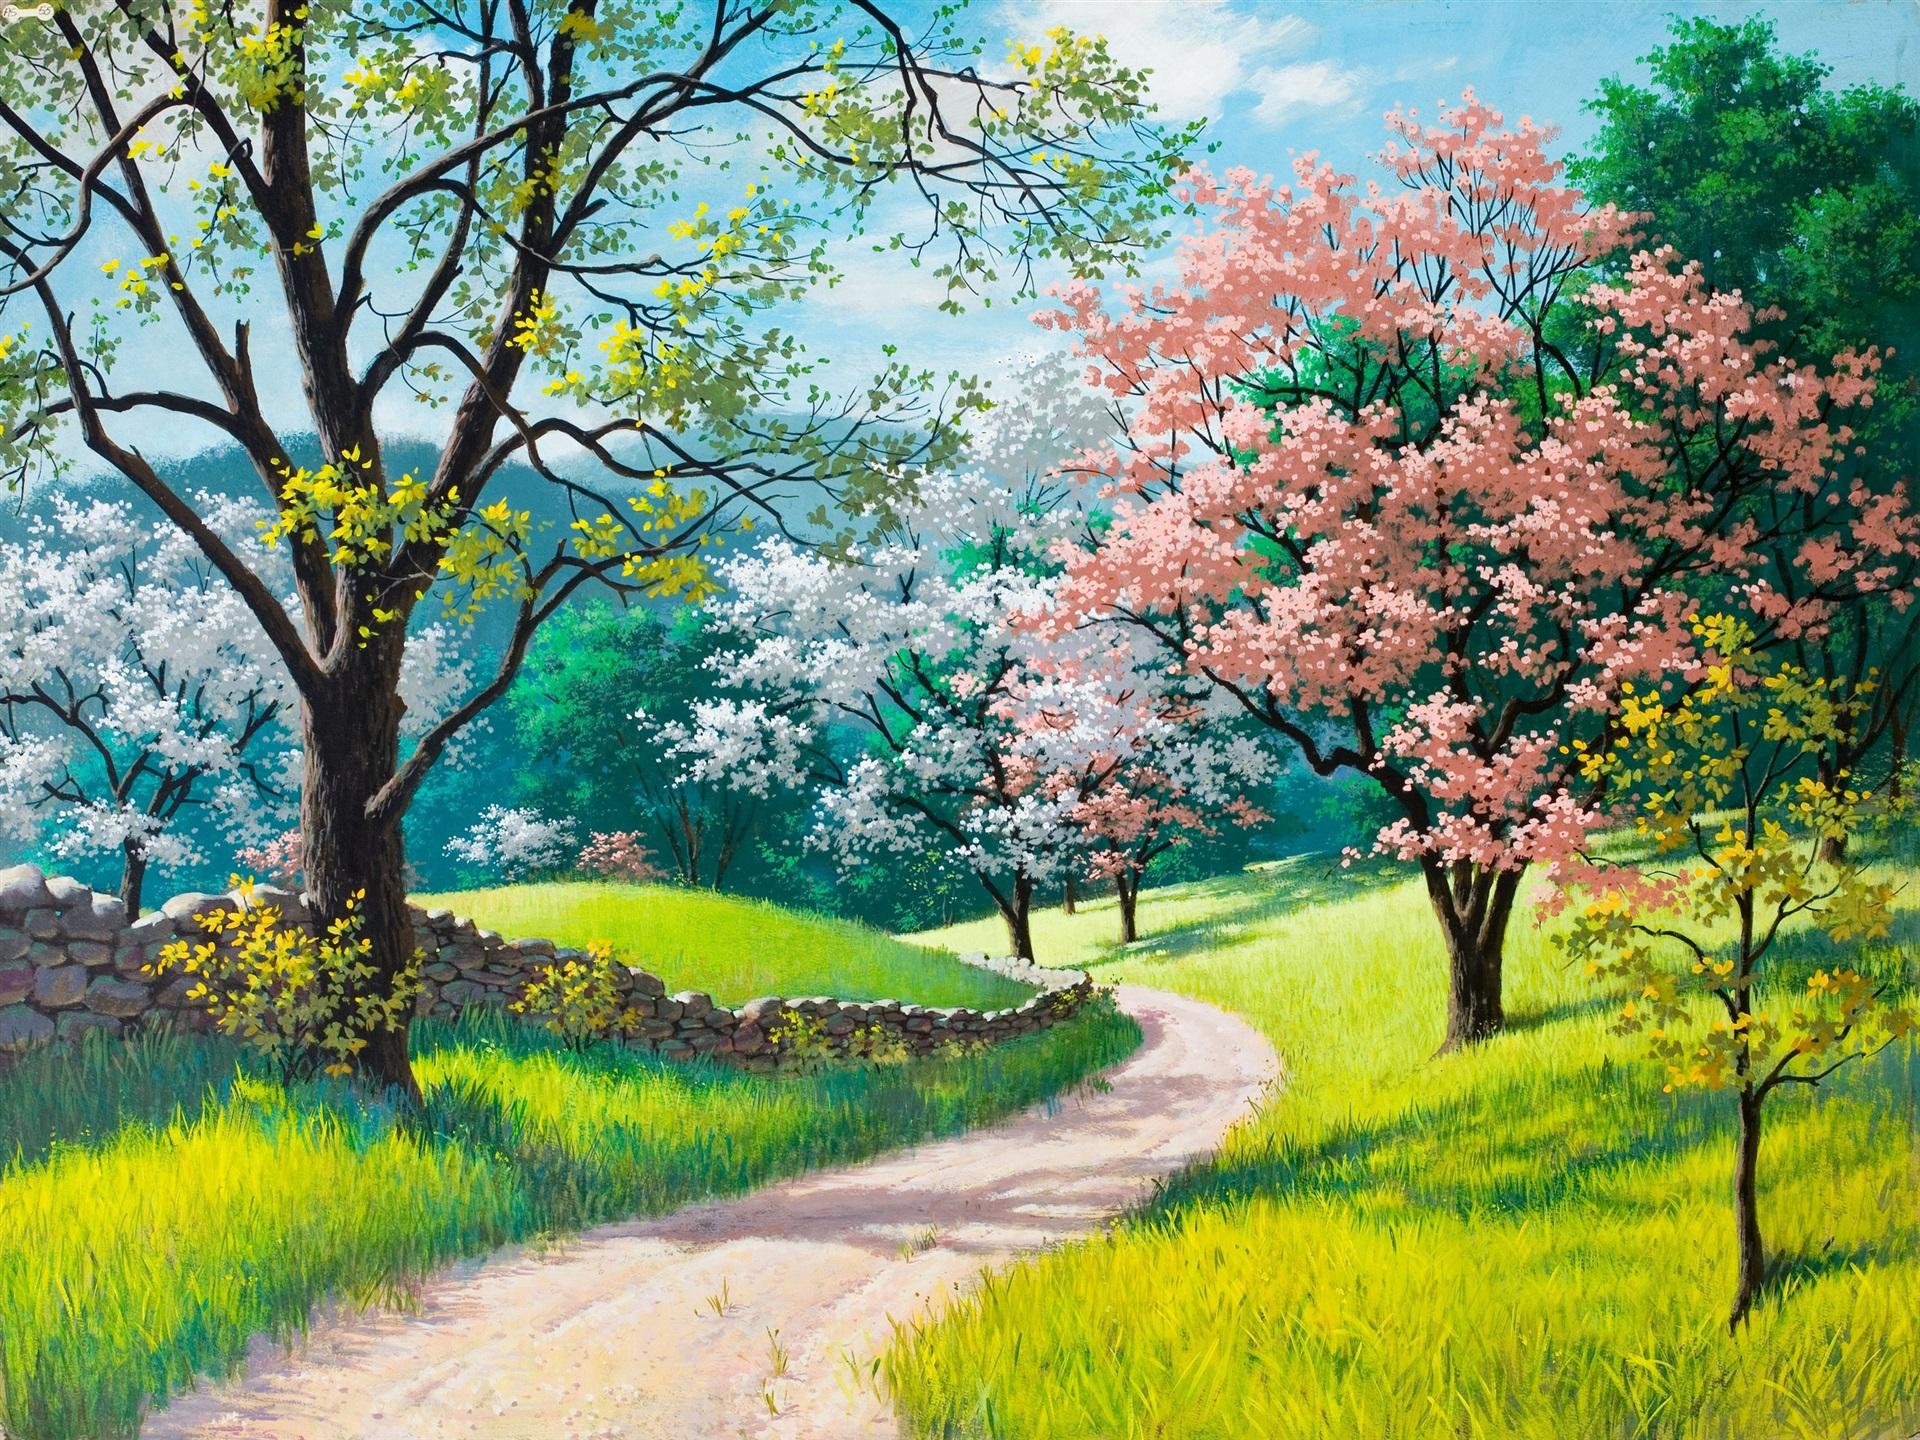 Adquiere Aqui Estos Fondos De Pantalla Con Flores Hermosas: Fondos De Pantalla Hermosa Pintura, Primavera, Flores